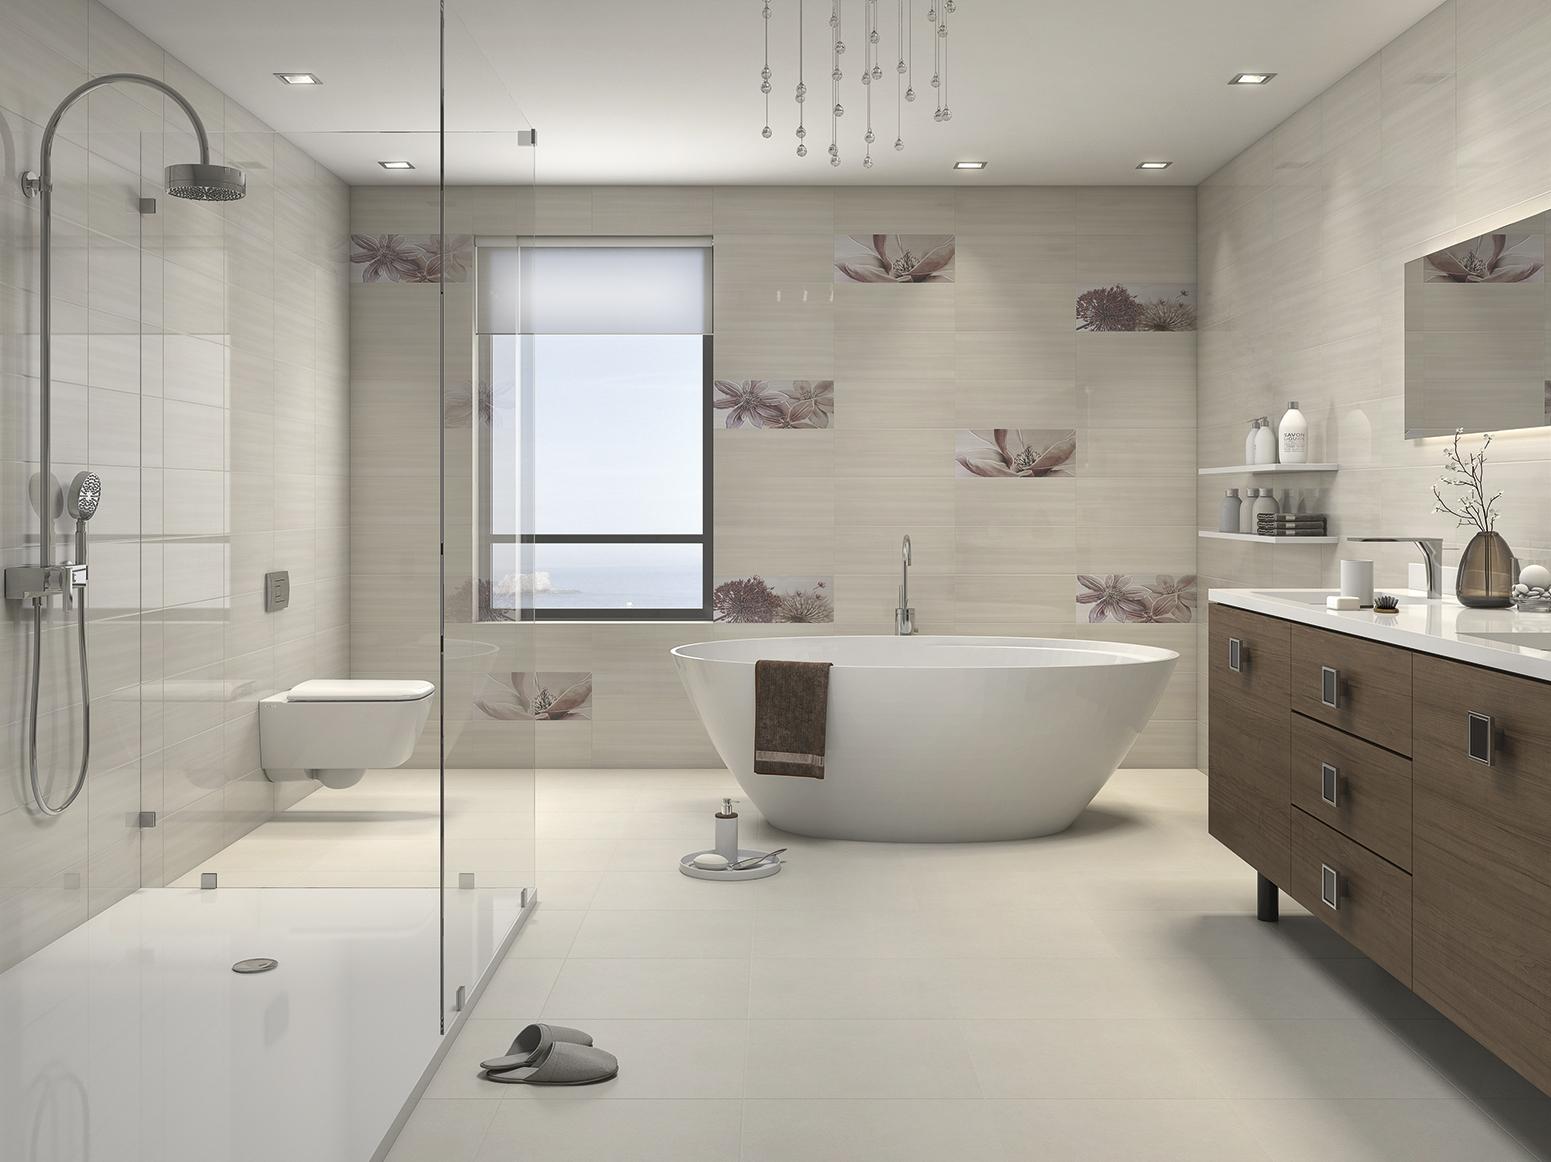 Azulejos cerámicos para baños y decoración | Dycten ...